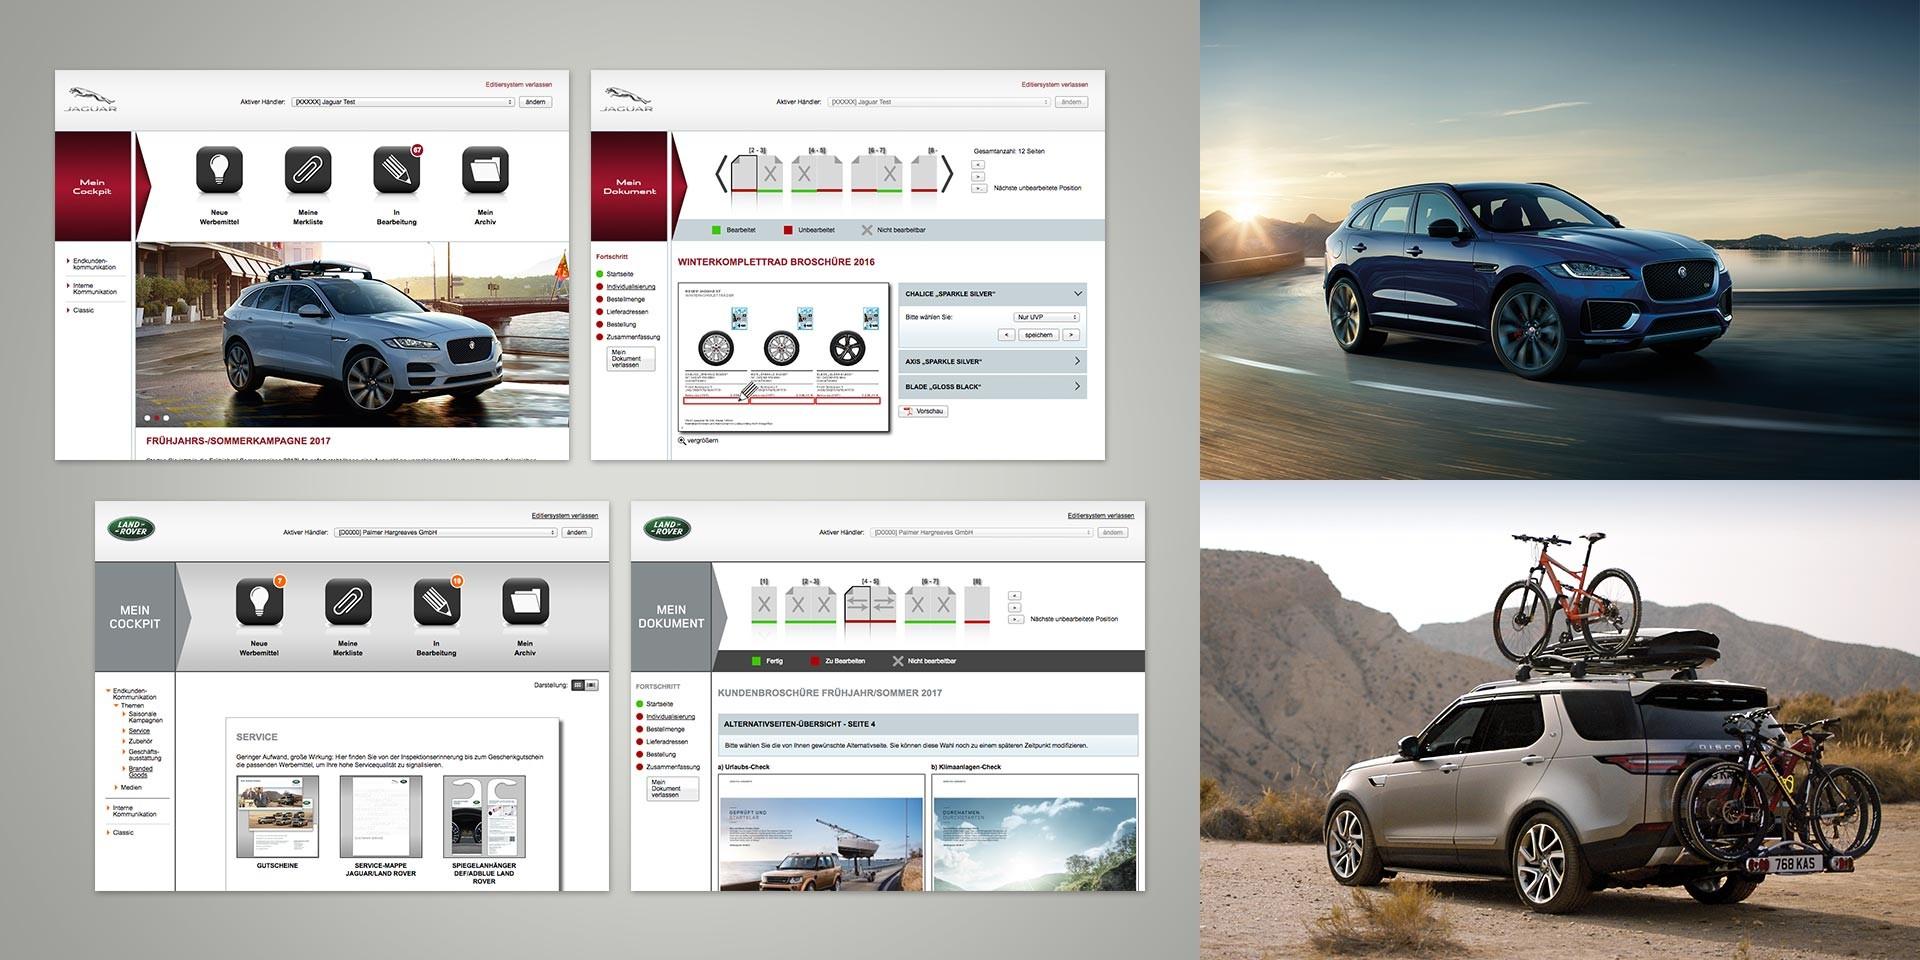 Jaguar Land Rover – Dealer platform – Editing system